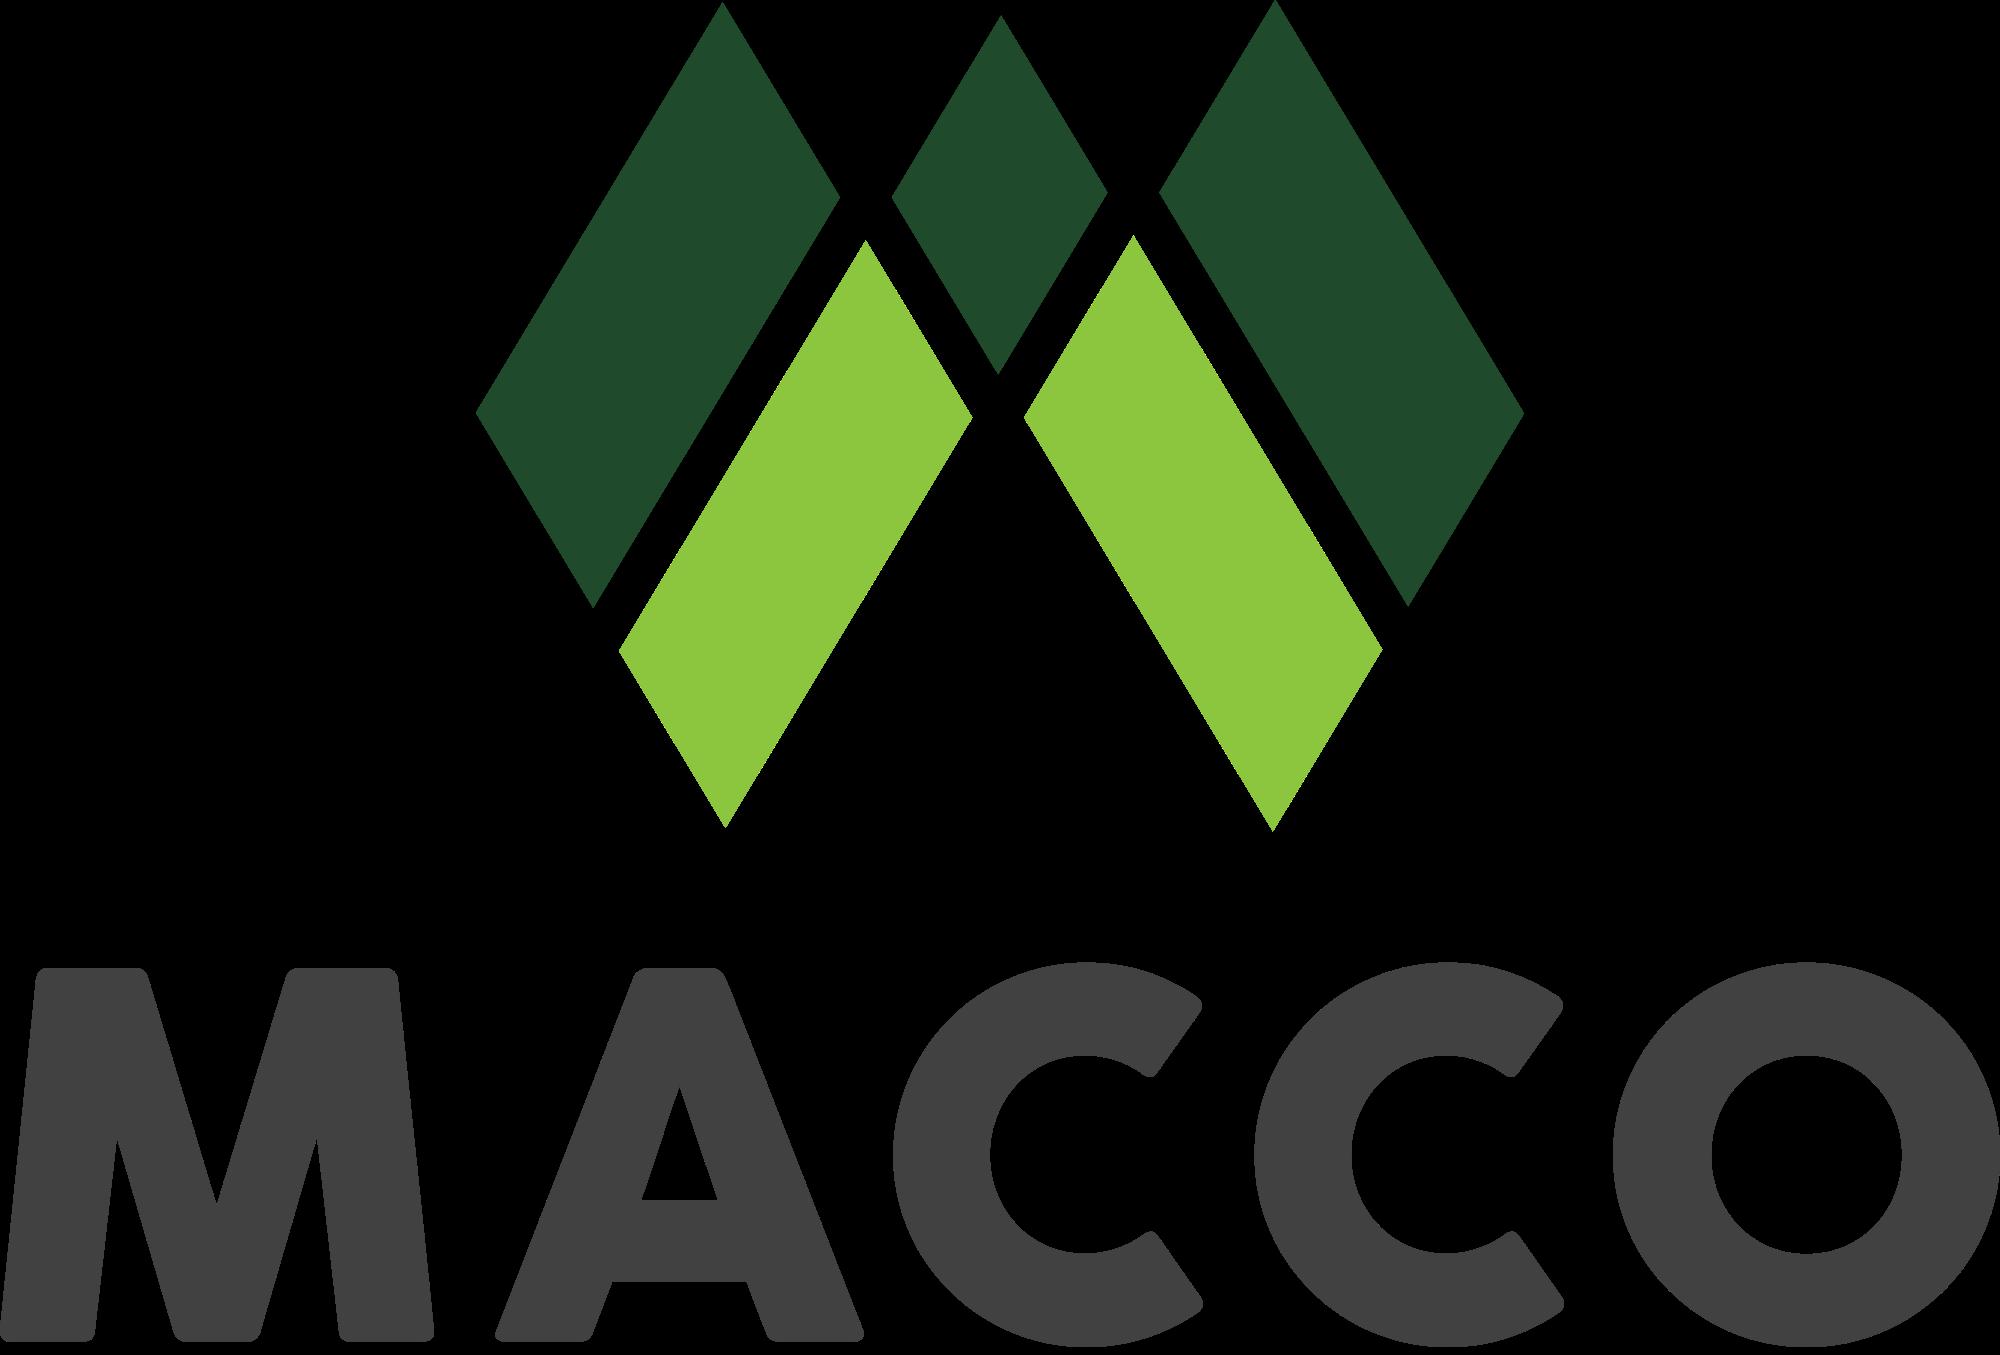 Công ty TNHH đầu tư macco